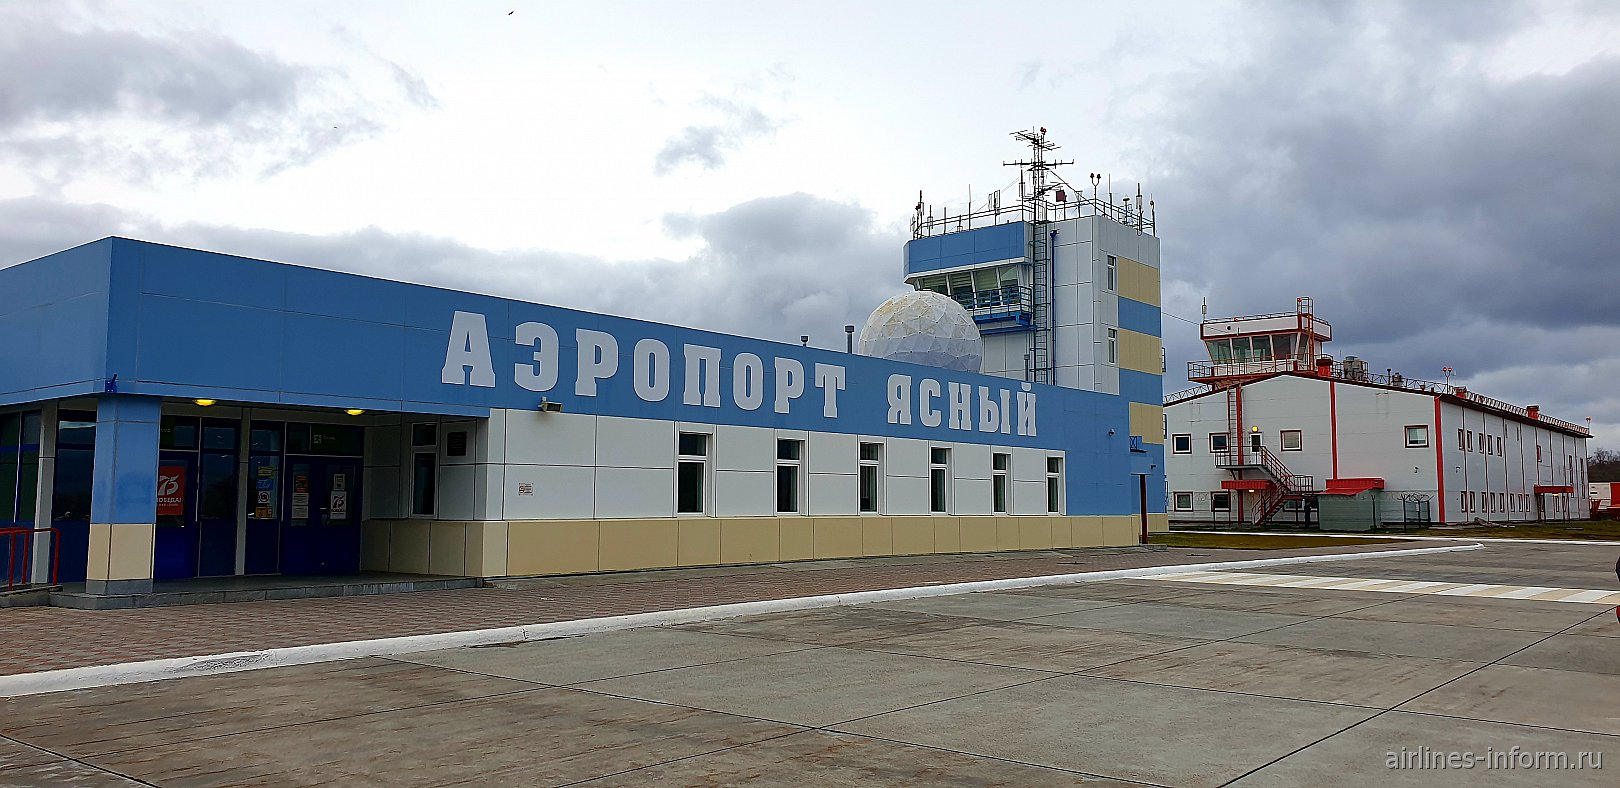 Пассажирский терминал и диспетчерская вышка аэропорта Итуруп Ясный